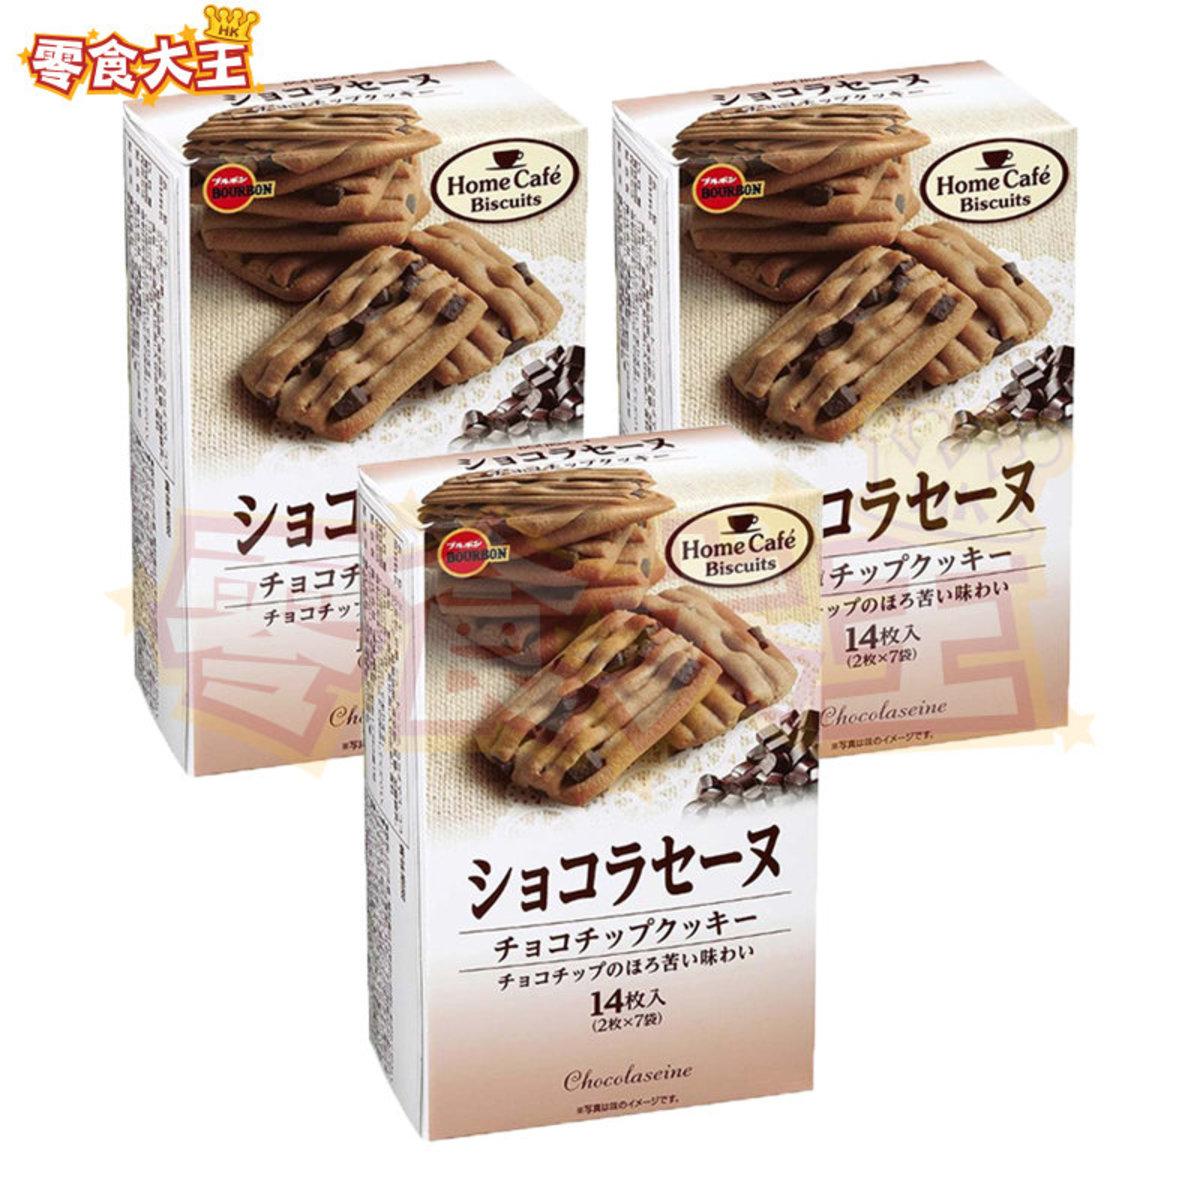 手造碎朱古力曲奇 - 112g (2枚 x 7袋) x 3盒 (4901360331352_3)